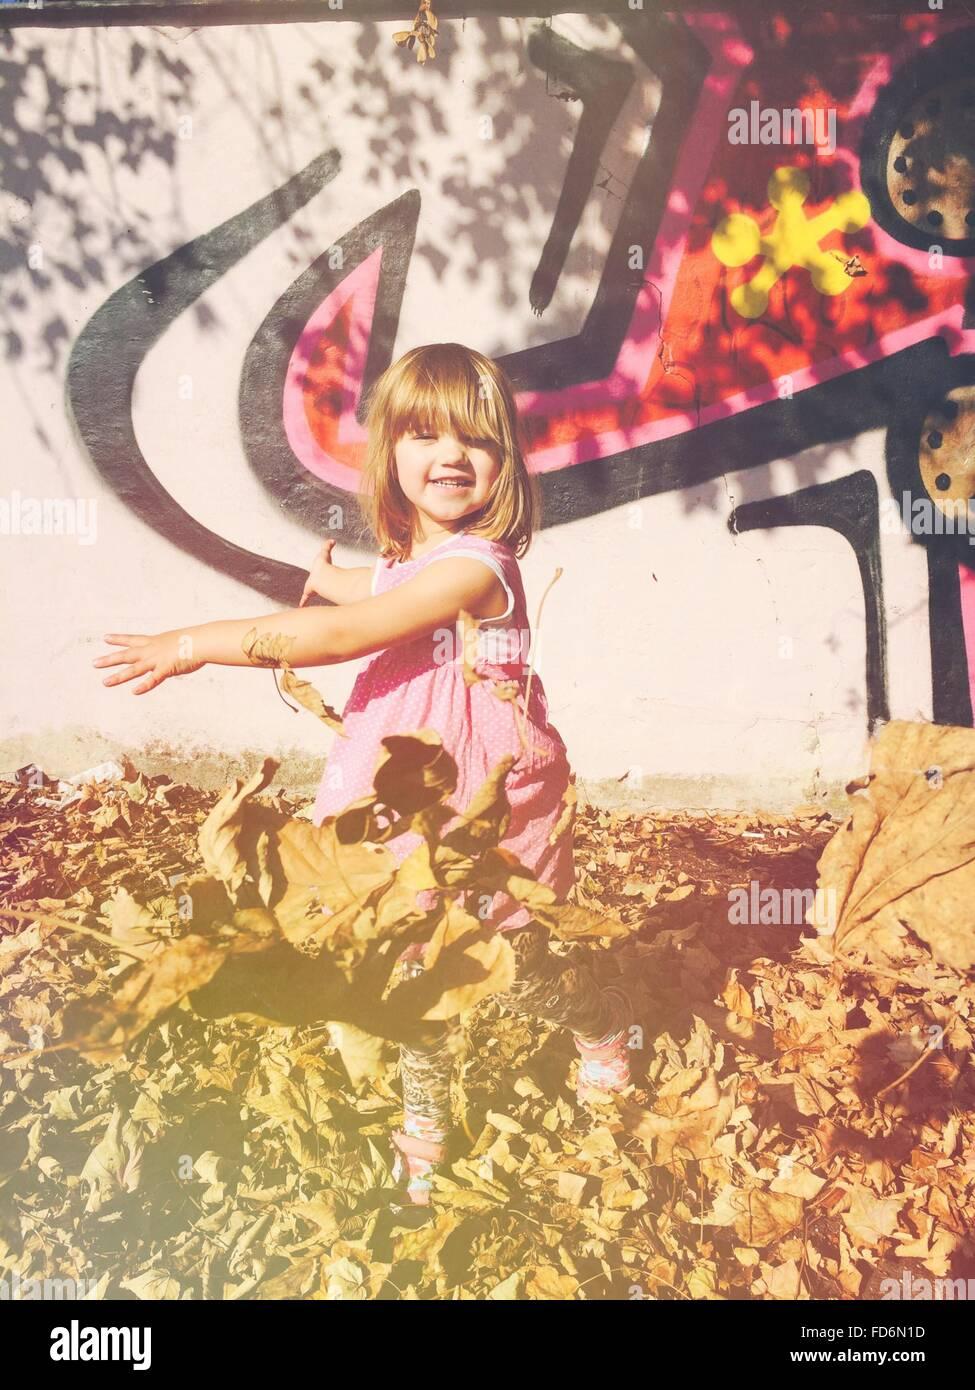 Niedliche Mädchen spielen mit trockenen Blättern gegen Wand Stockbild